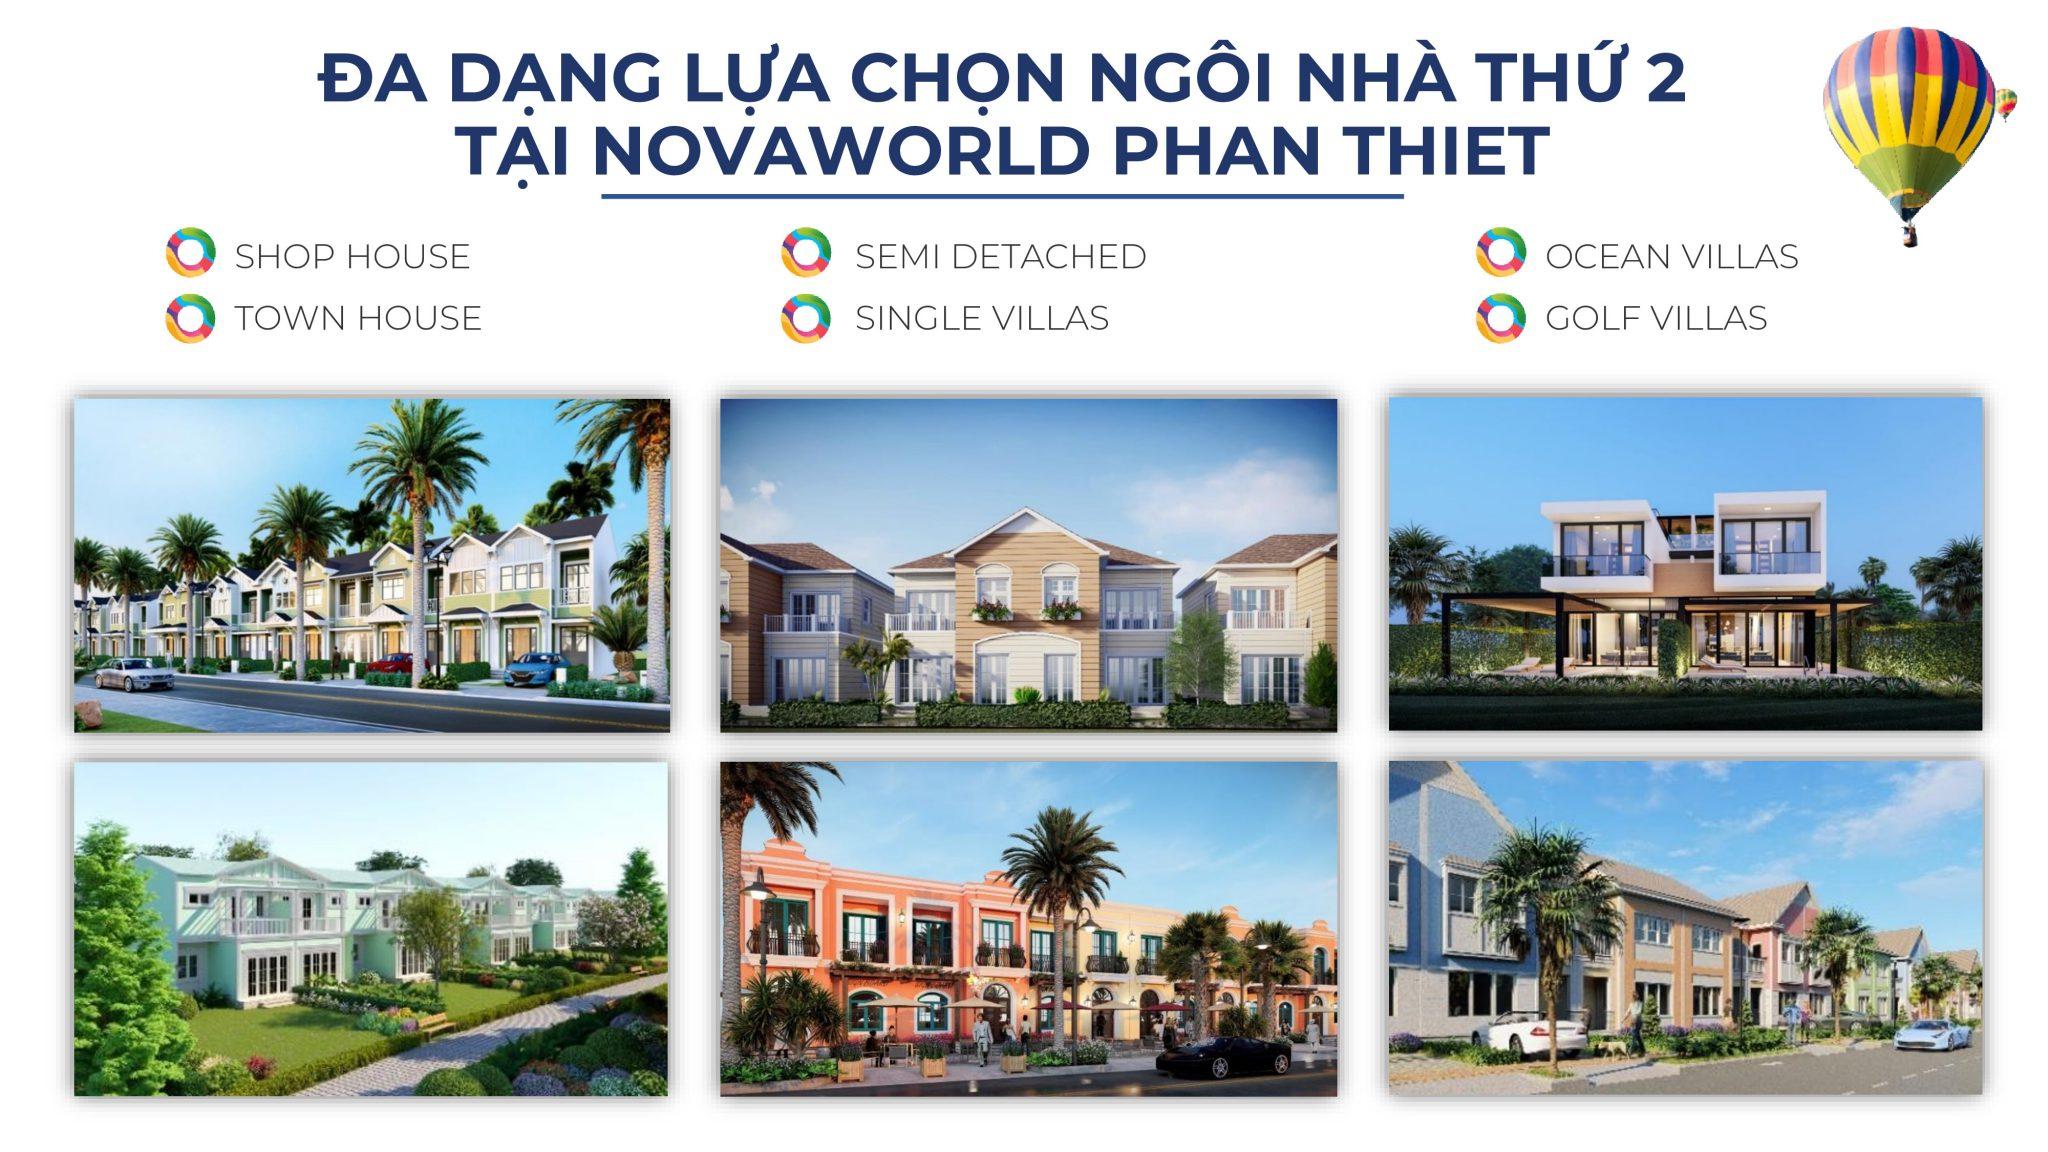 Mau Nha Phan Thiet